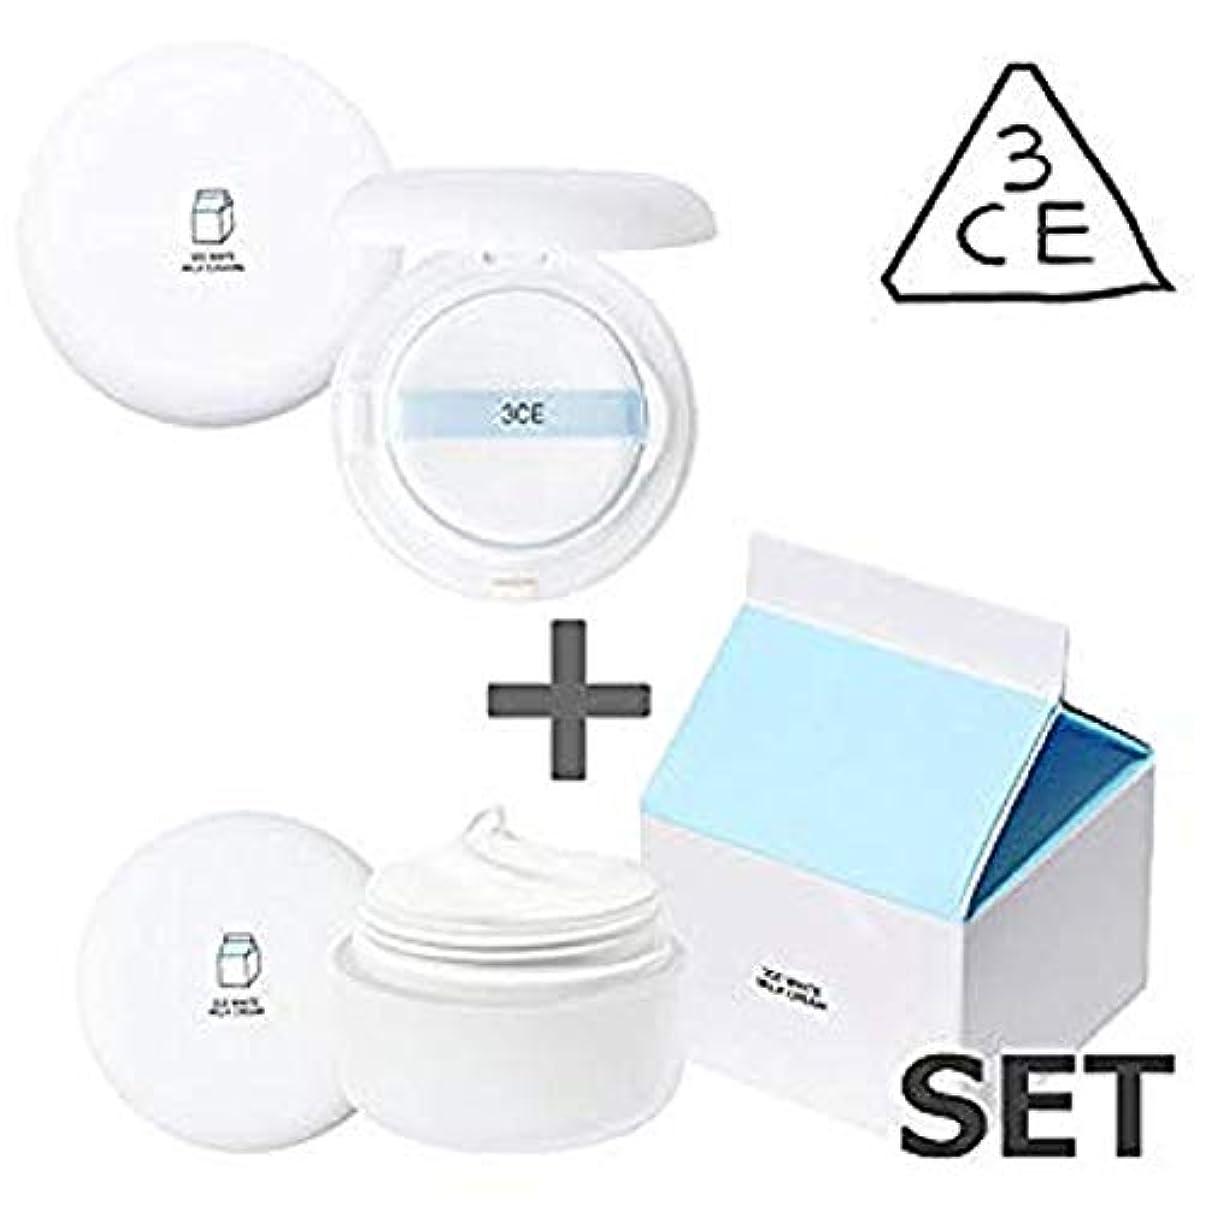 レイア学習適合[3CE / 2個セット] ホワイトミルククリーム & ホワイトミルククッション (White Milk Cream+White Milk Cushion) / 正品?海外直送品